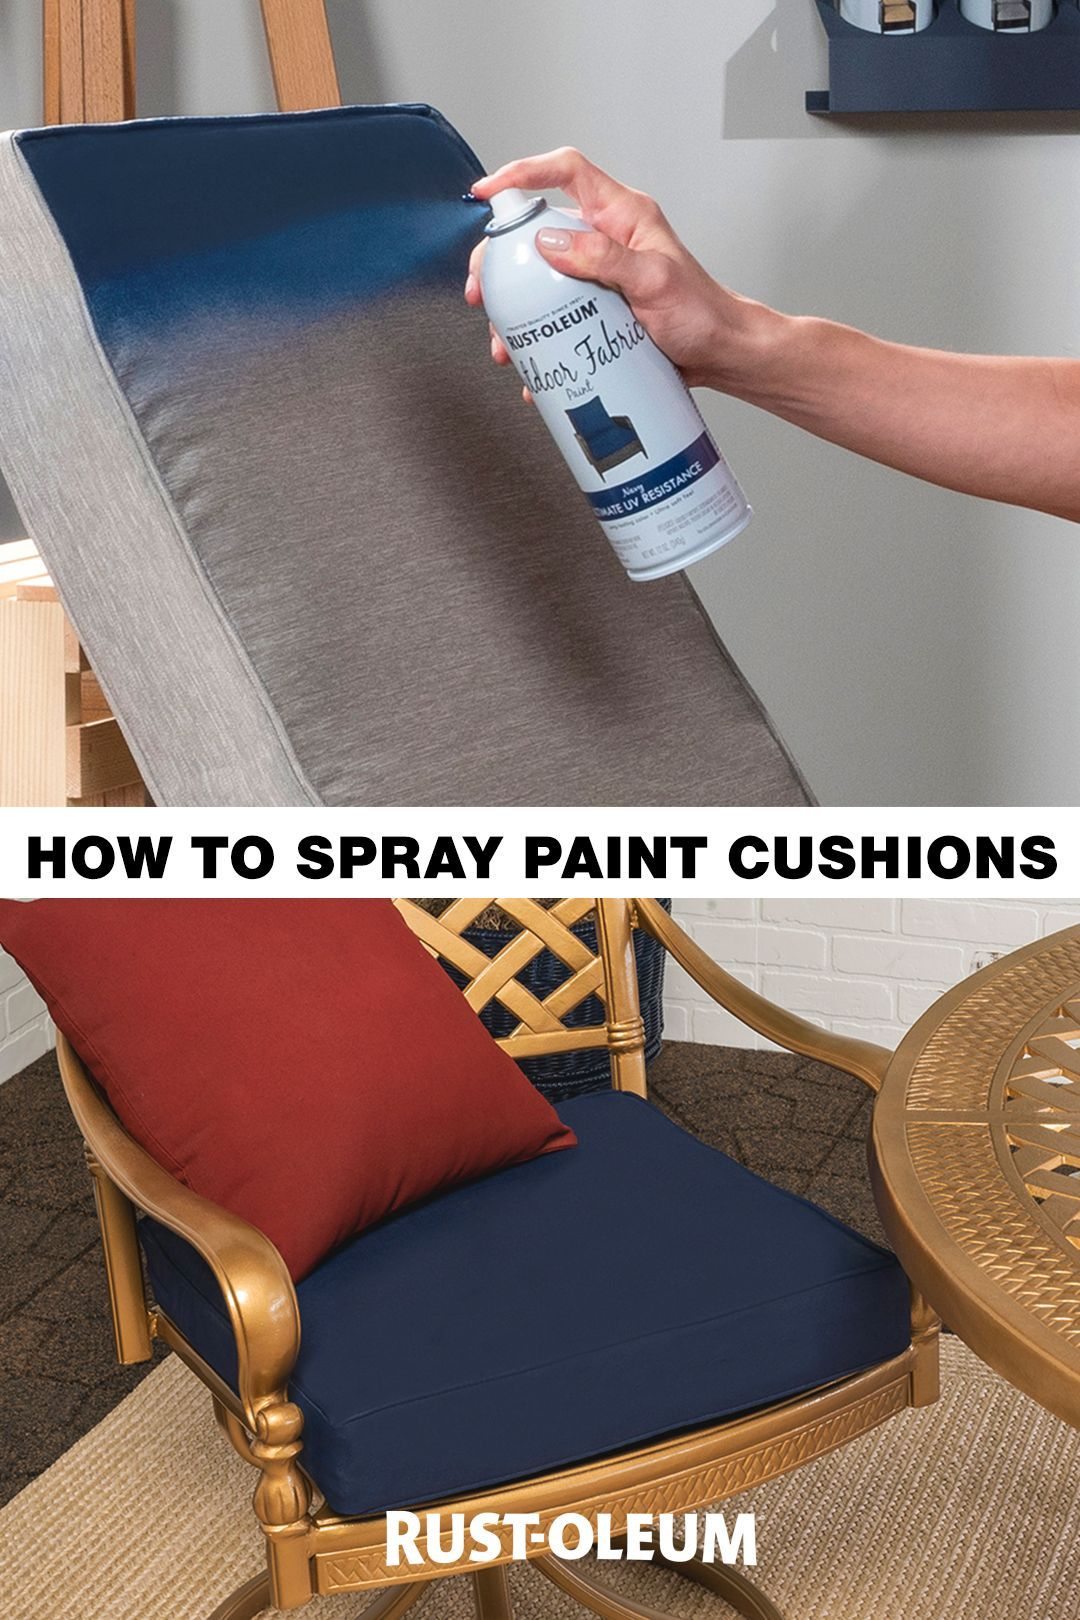 Comment Faire Pour Pulveriser De La Peinture Exterieure Coussins Outdoor Diy Projects Home Diy Outdoor Fabric